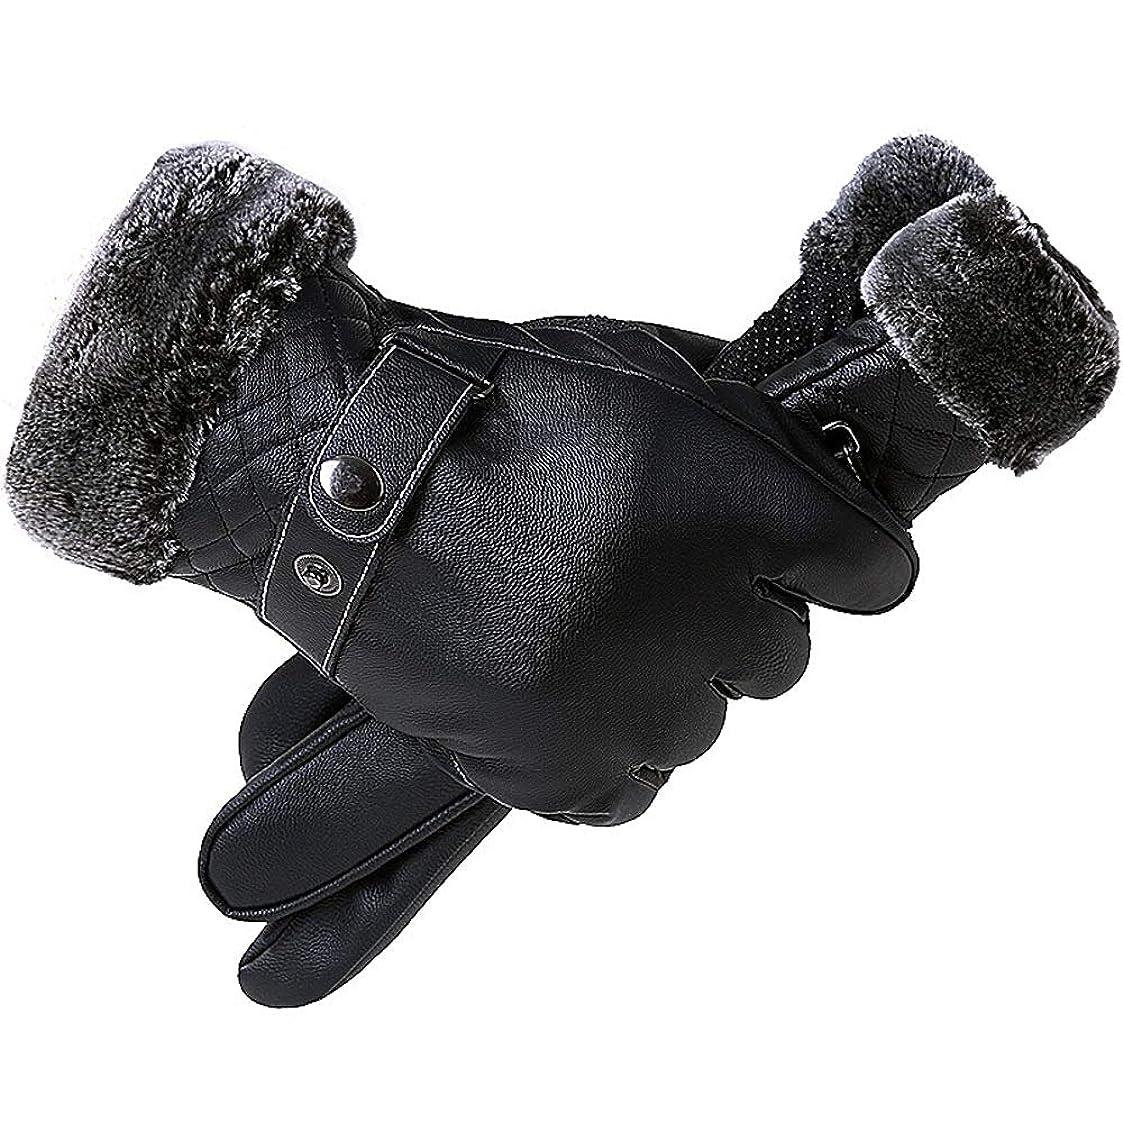 花に水をやる窒息させる突破口34GYP 冬のタッチスクリーン革手袋防水乗馬のオートバイの革手袋を加えたベルベットの肥厚フル手ライディング防風男性 (Size : B)